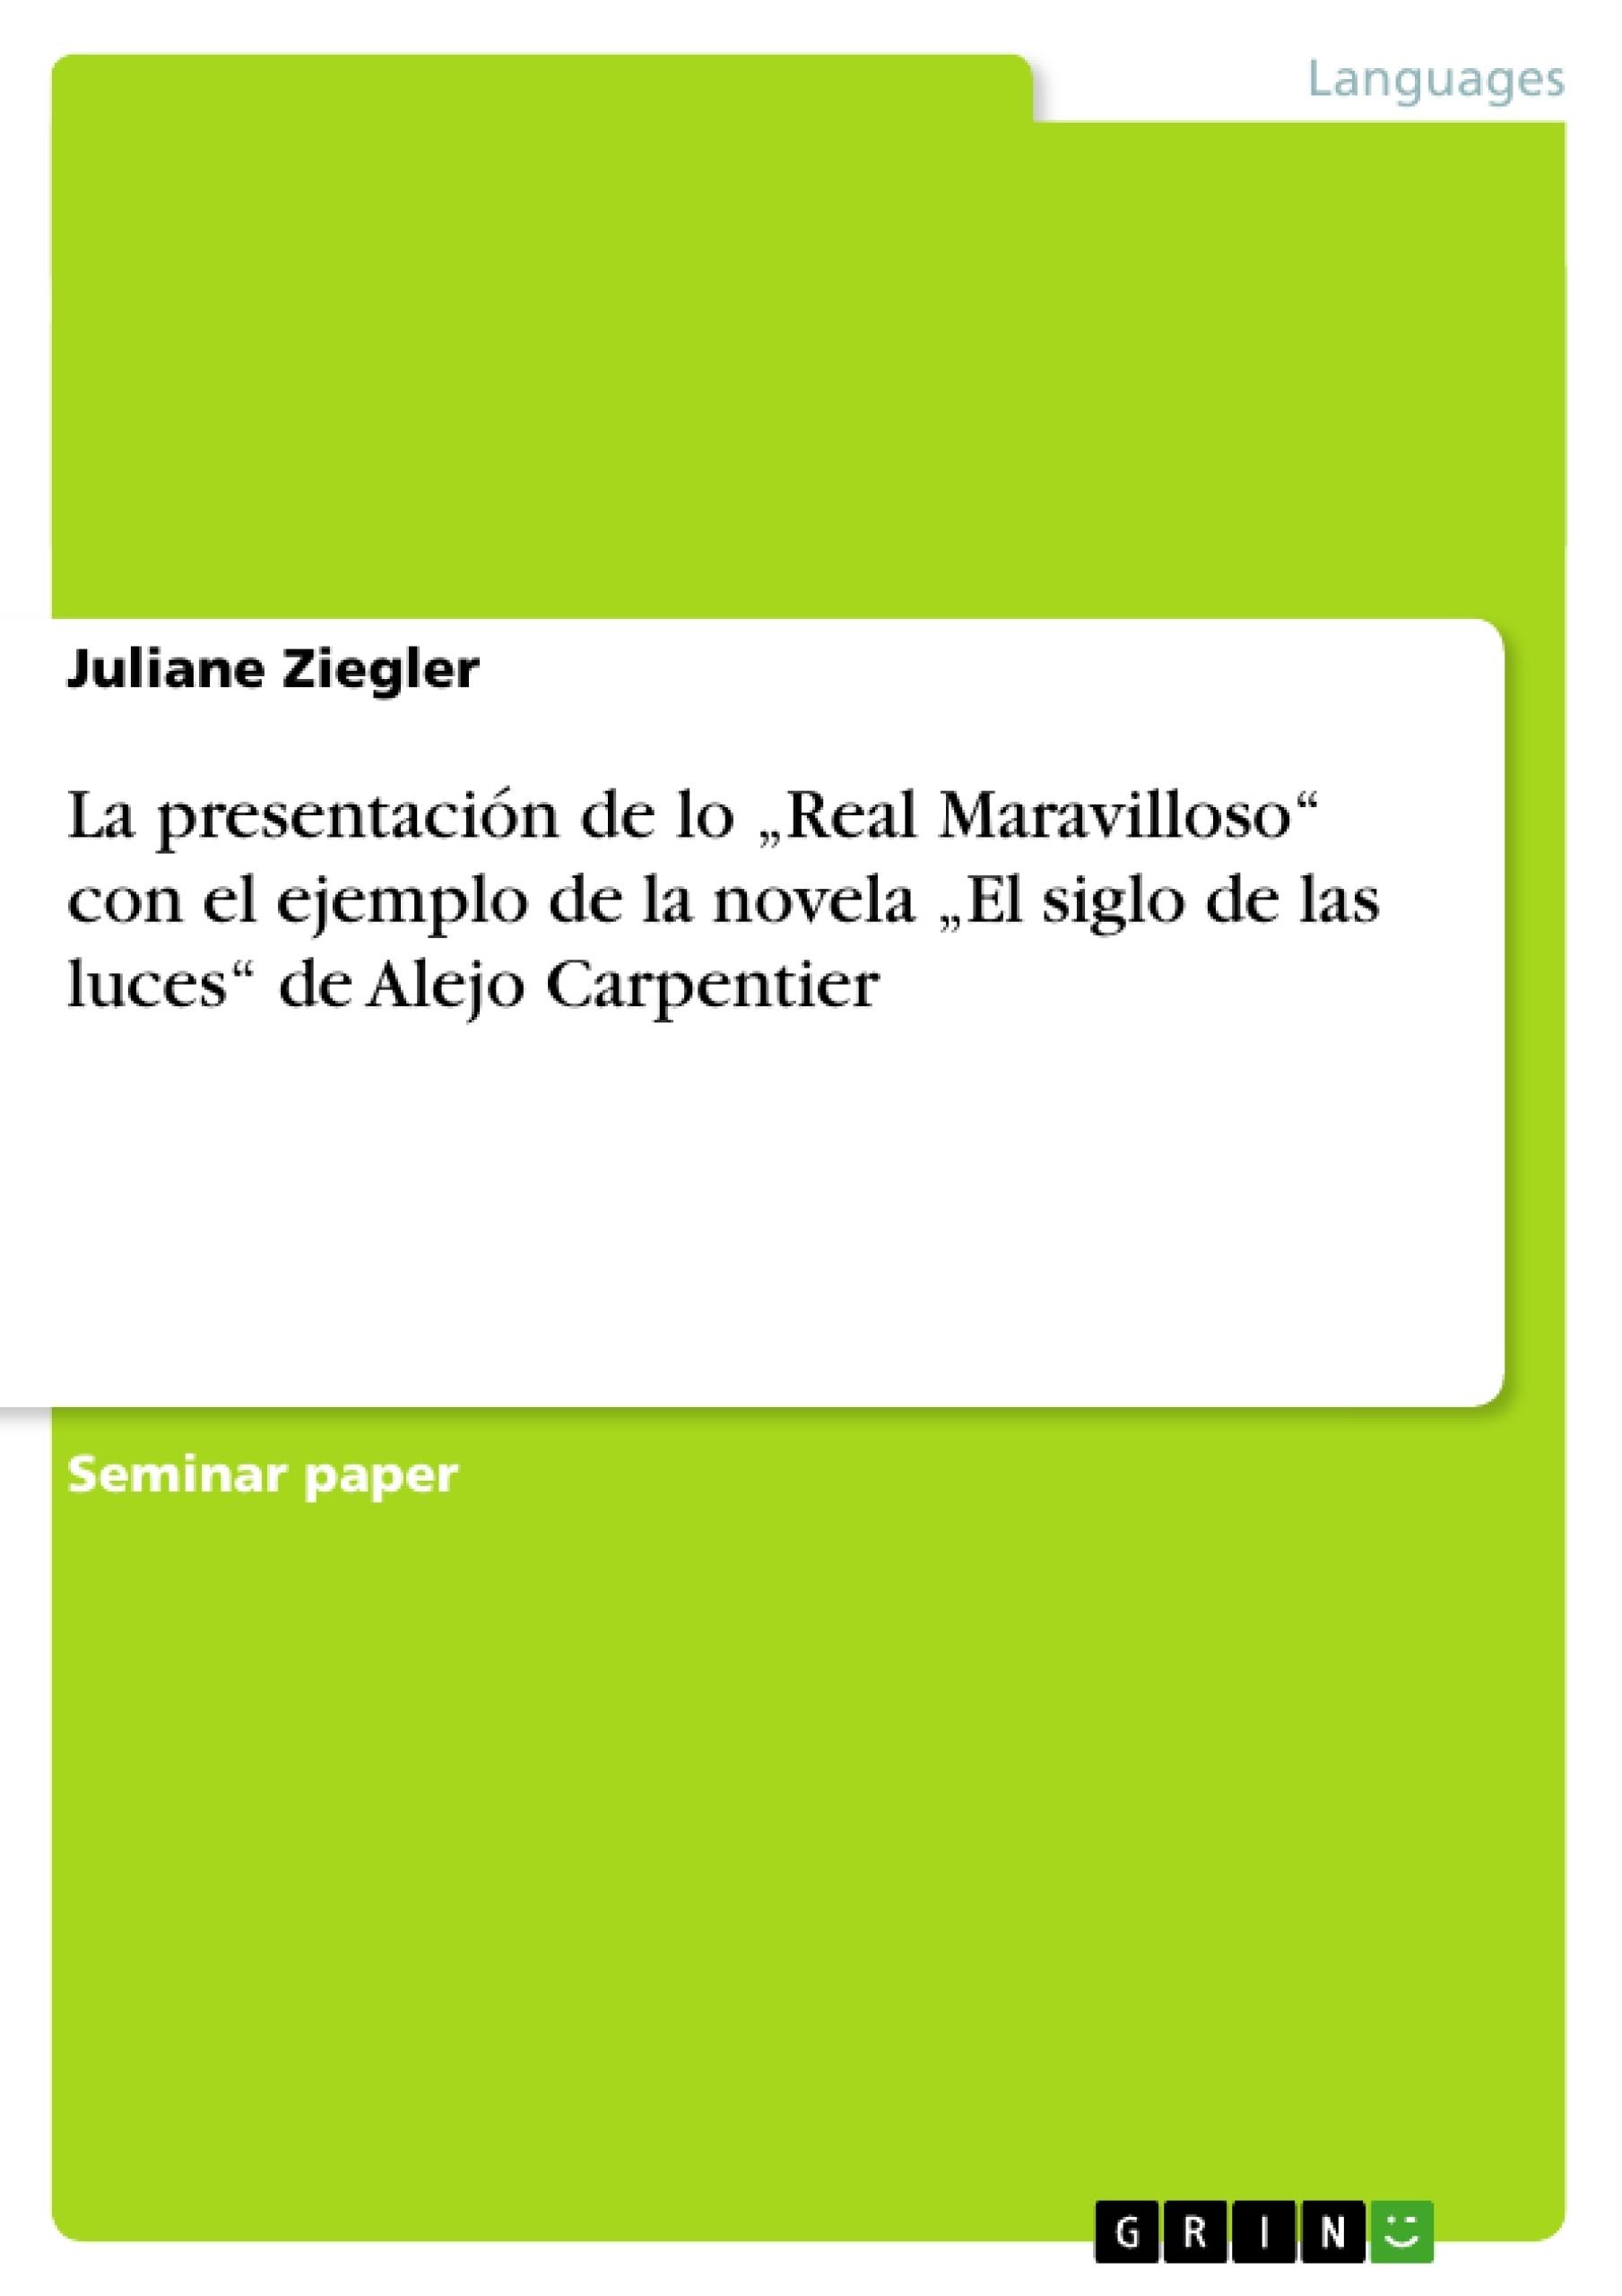 """Título: La presentación de lo """"Real Maravilloso"""" con el ejemplo de la novela """"El siglo de las luces"""" de Alejo Carpentier"""